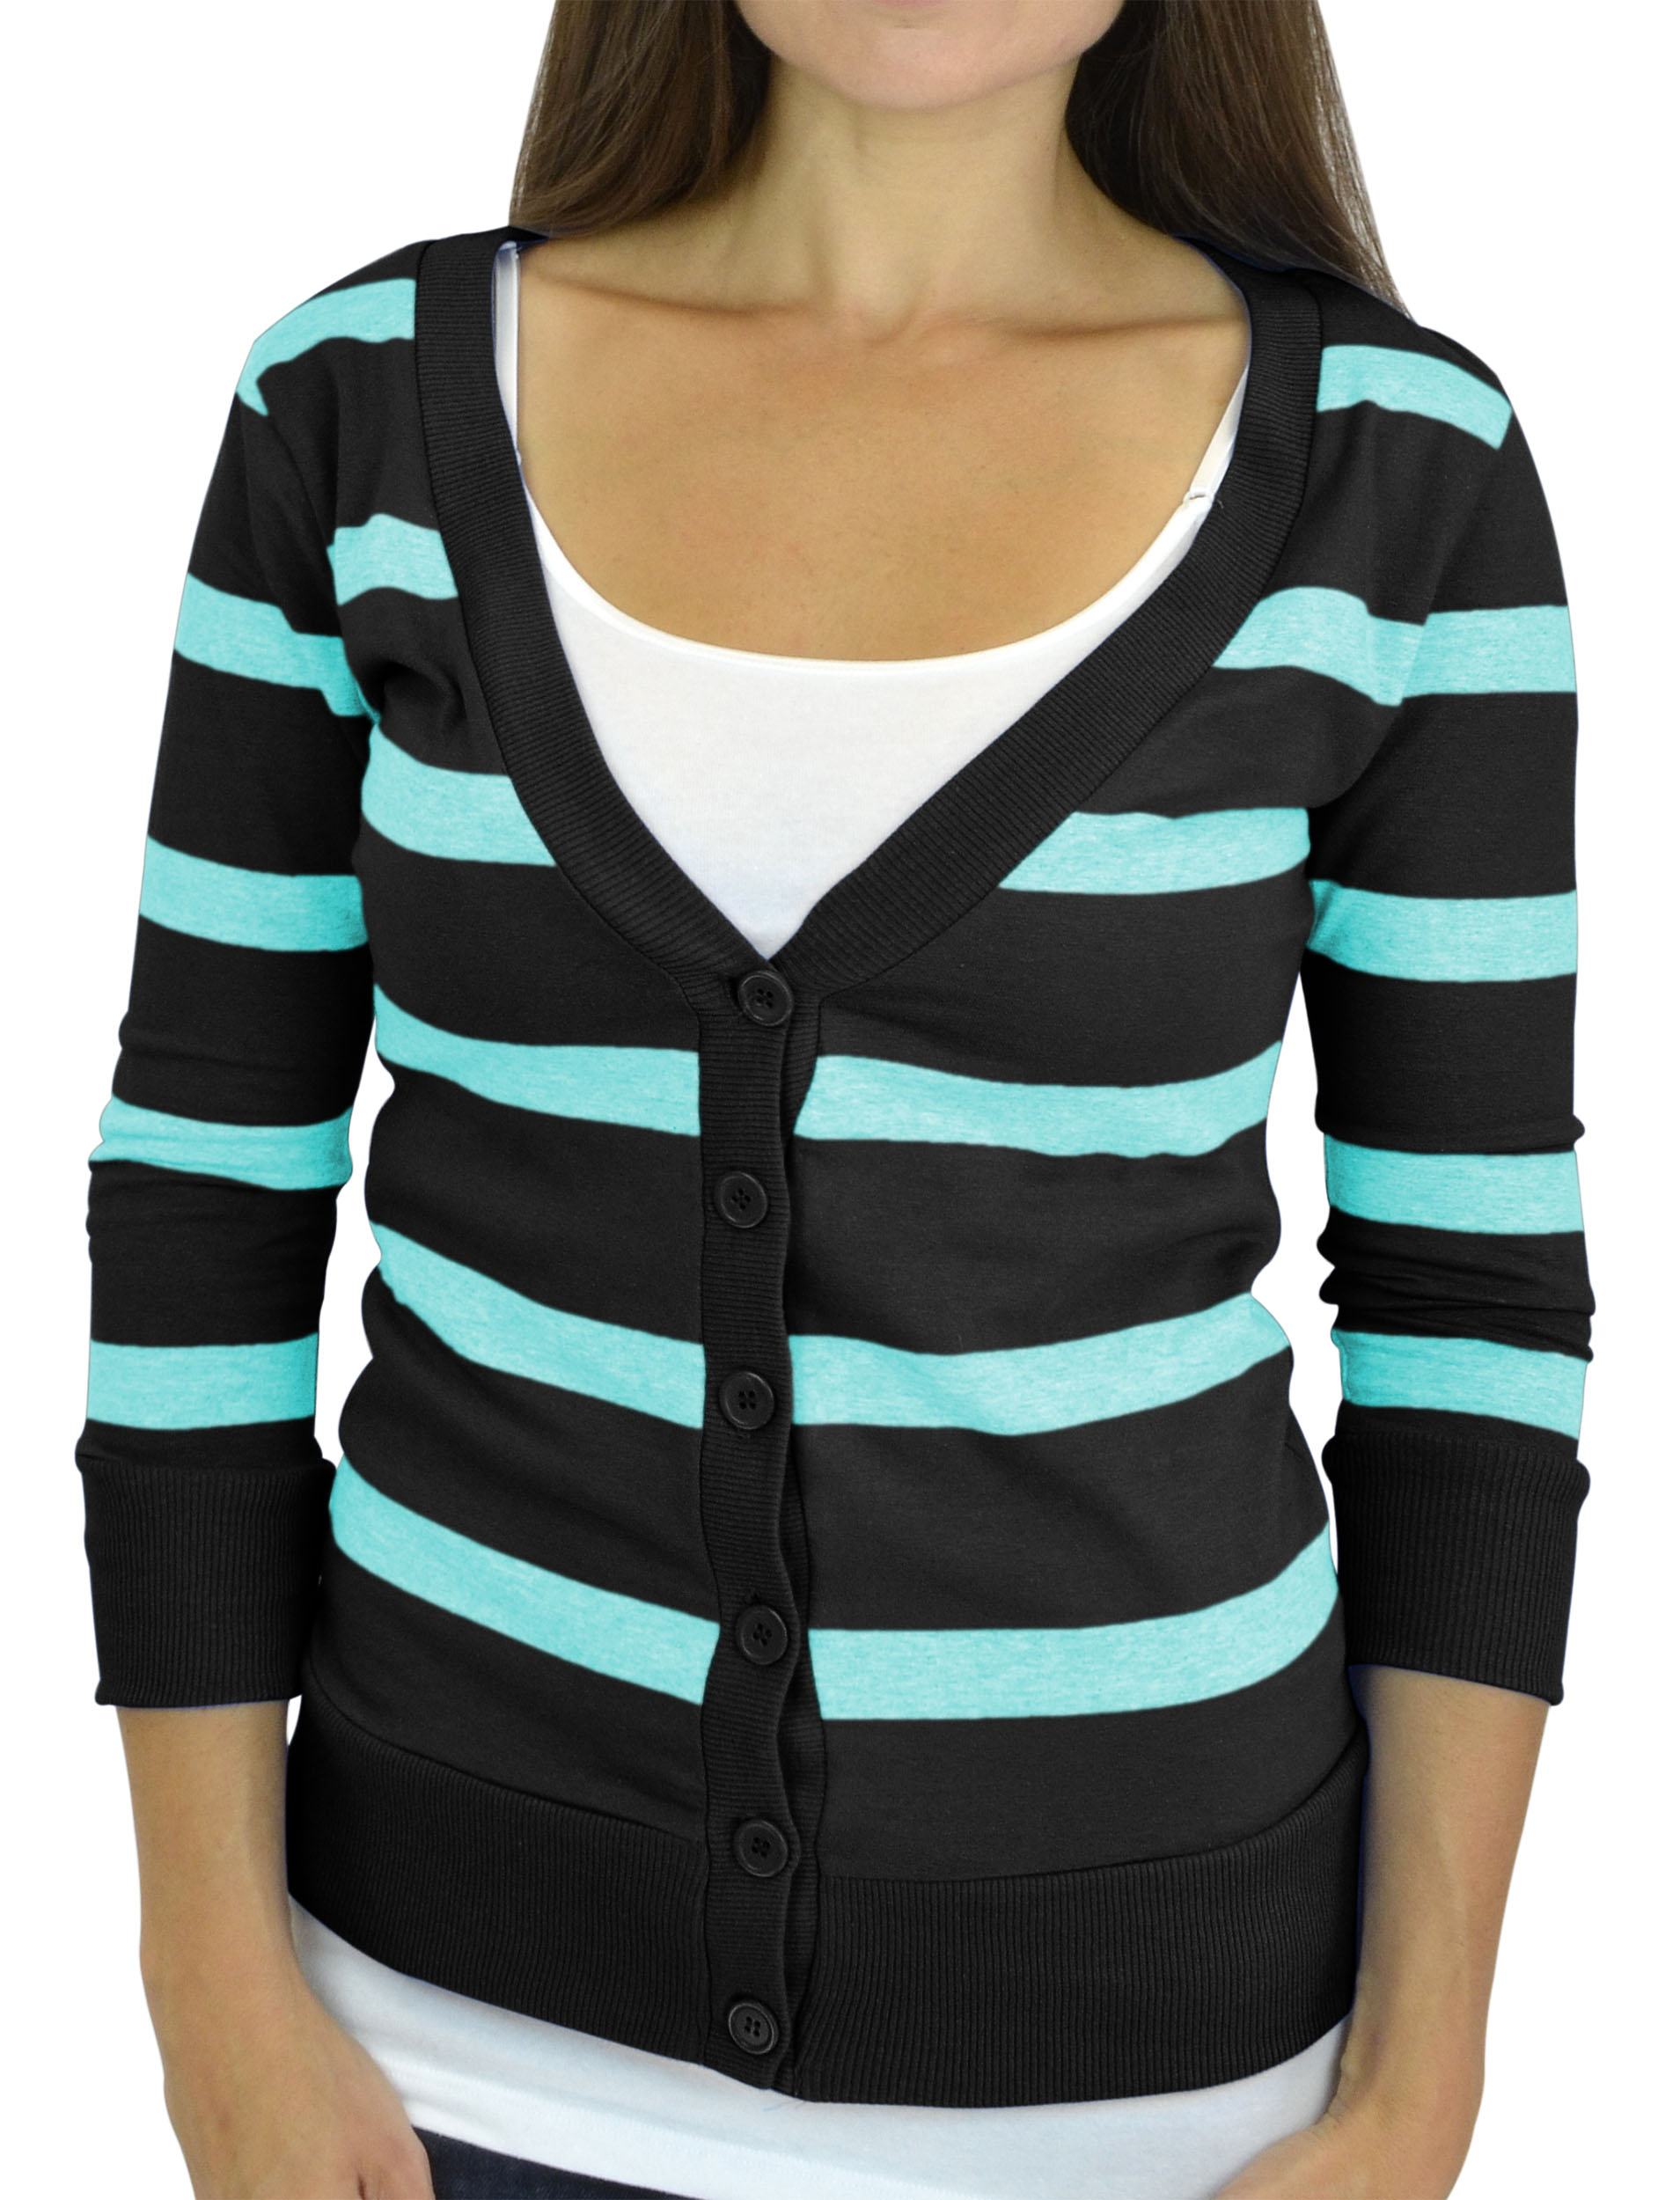 Belle Donne - Women / Girl Junior Size Soft 3/4 Sleeve V-Neck Sweater Cardigans - Black/Medium